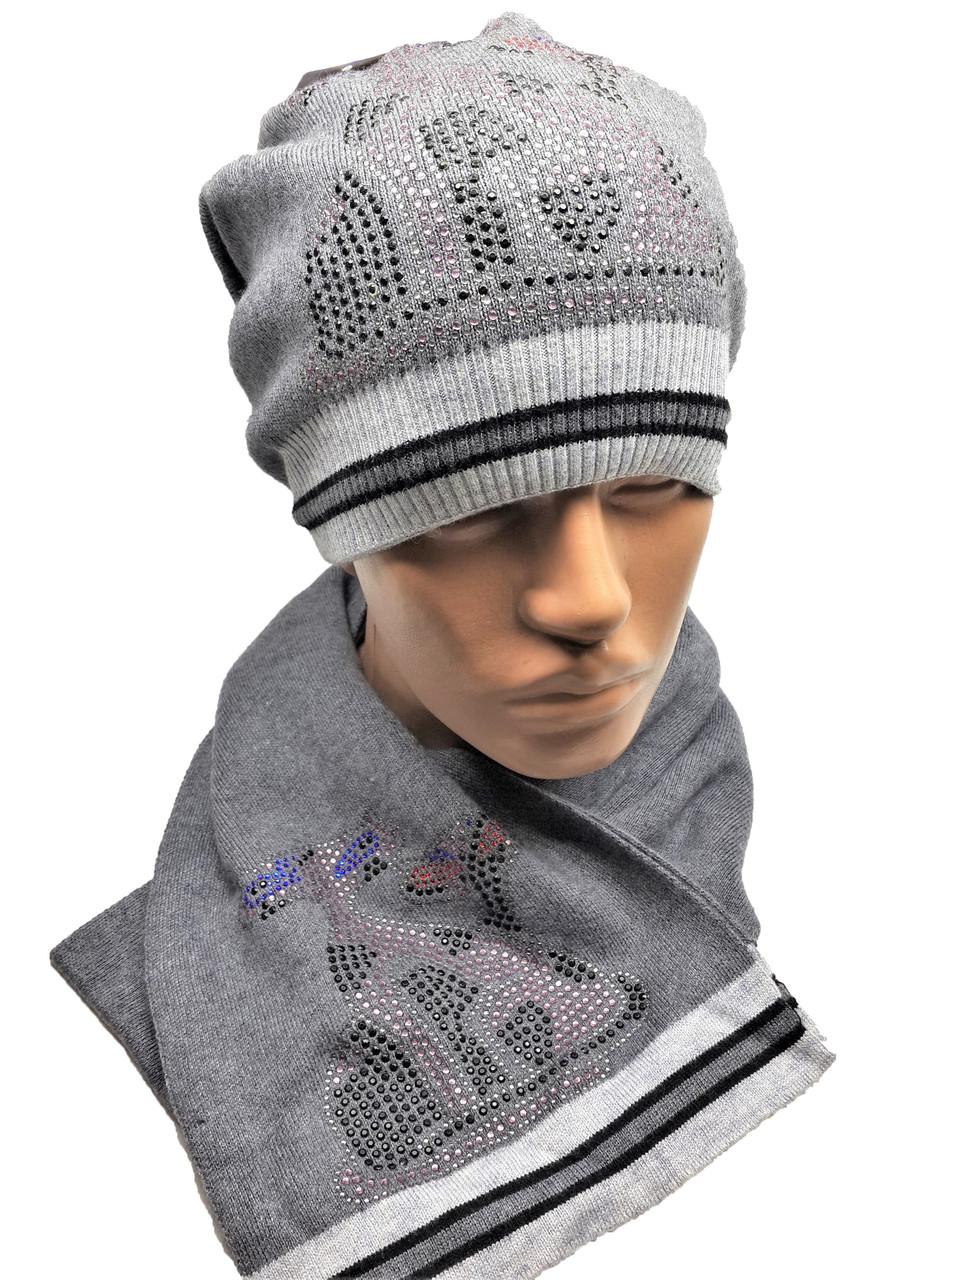 Теплый комплект с шарфом Кошки серый